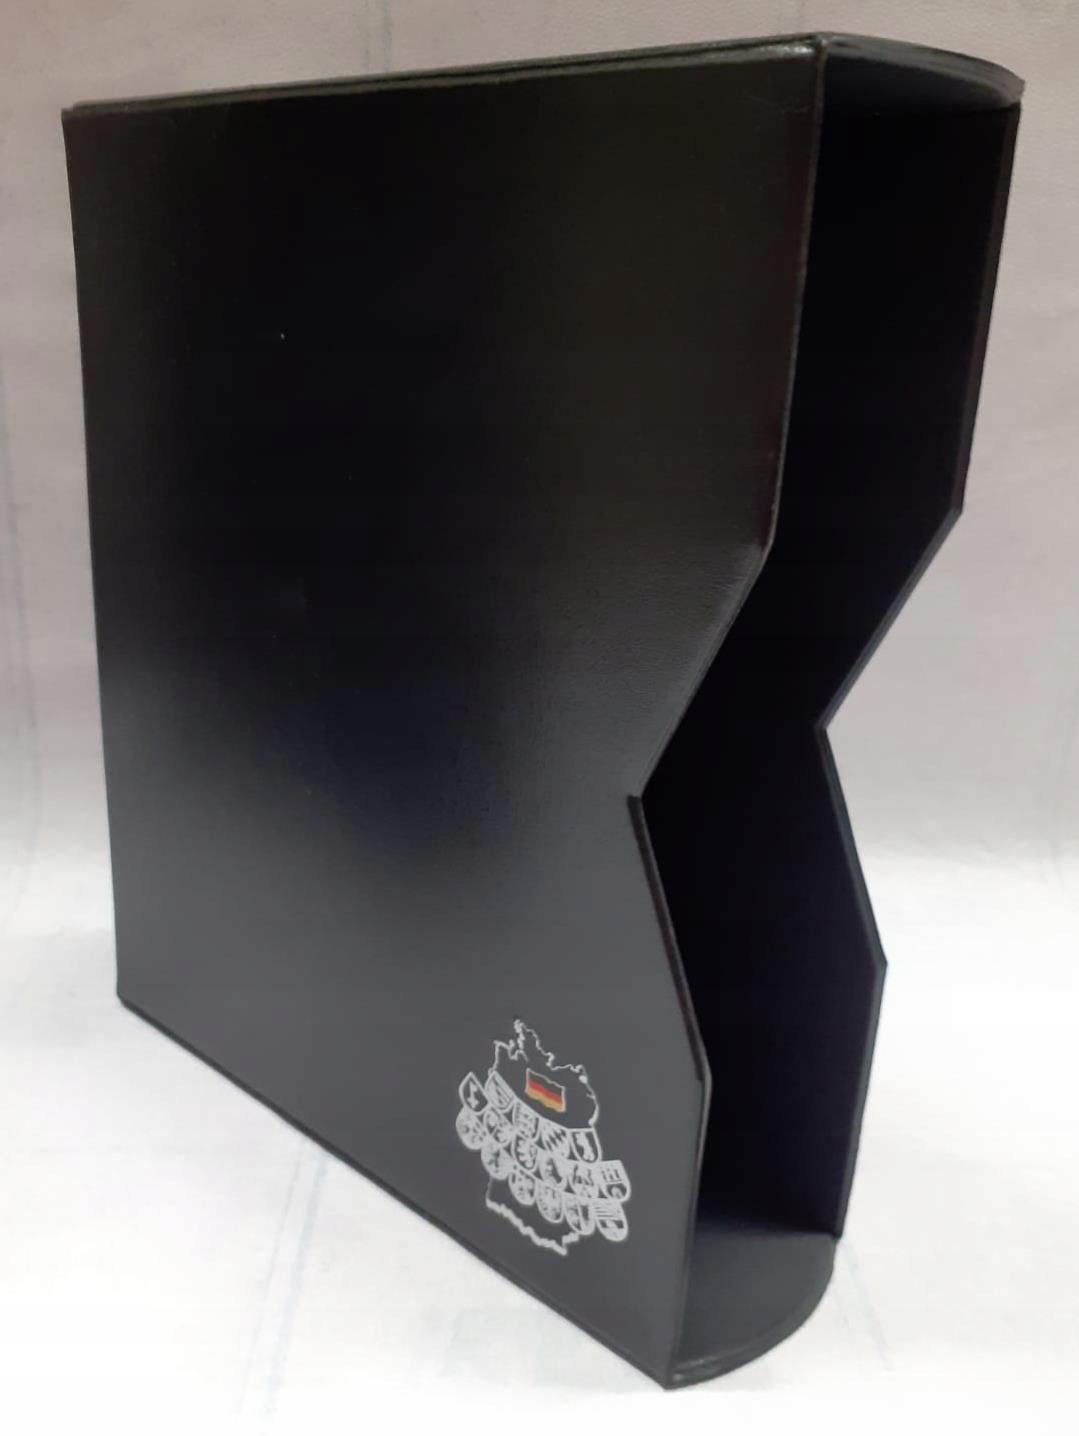 Czarny futerał / etui ochronny 245 x 210mm